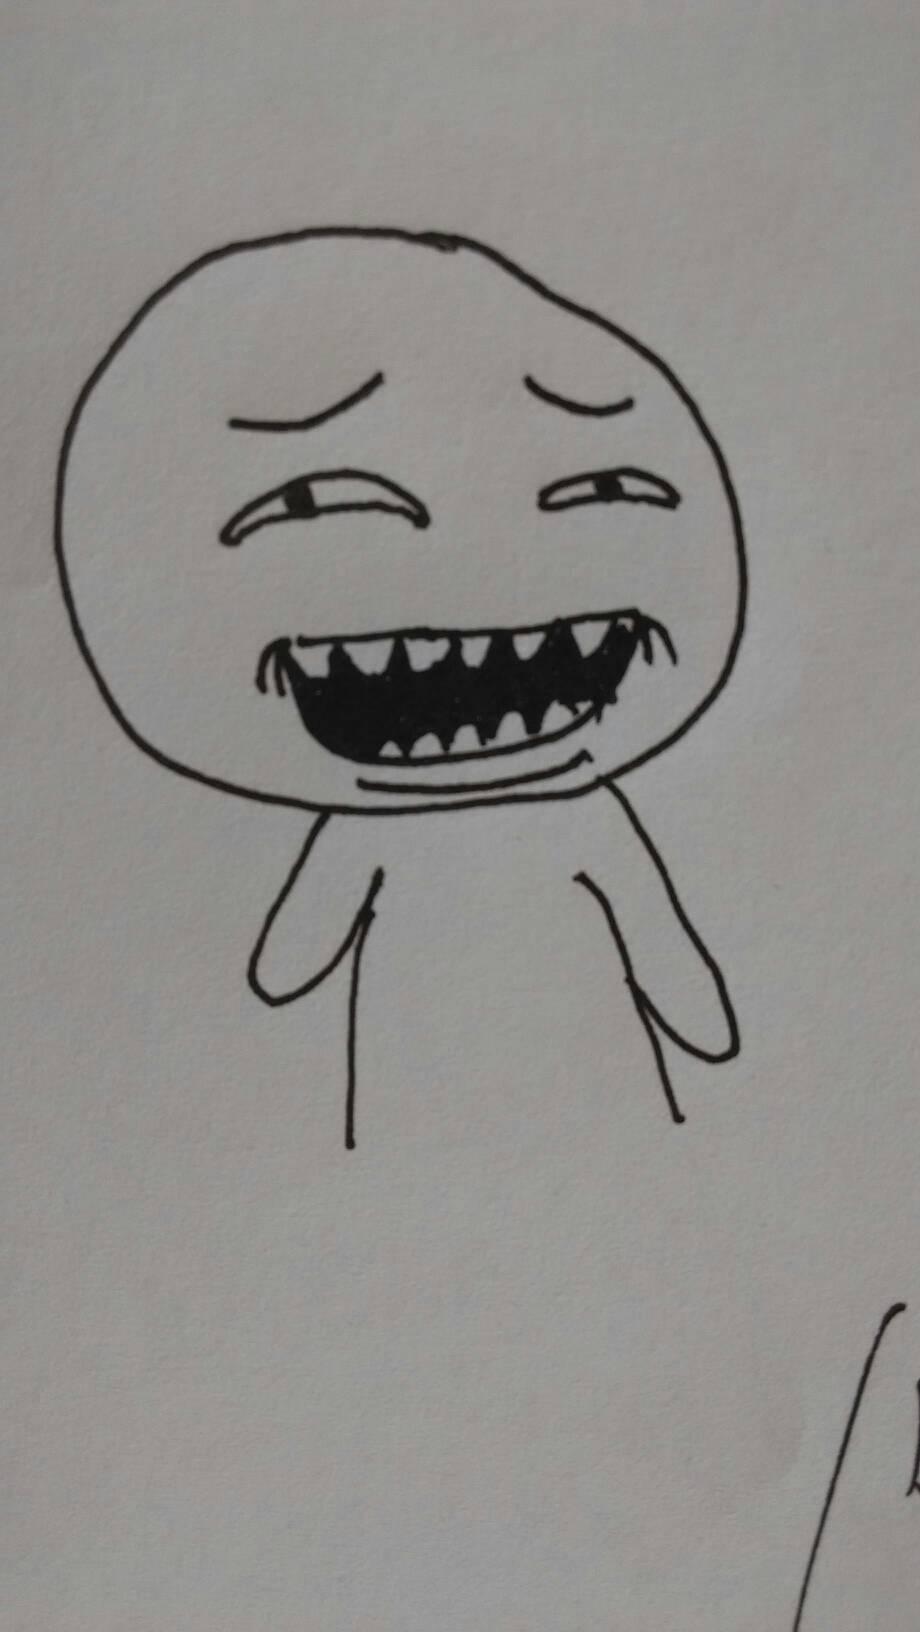 想在送给男友的日记本上画一些简单有意思的小插画,有图片